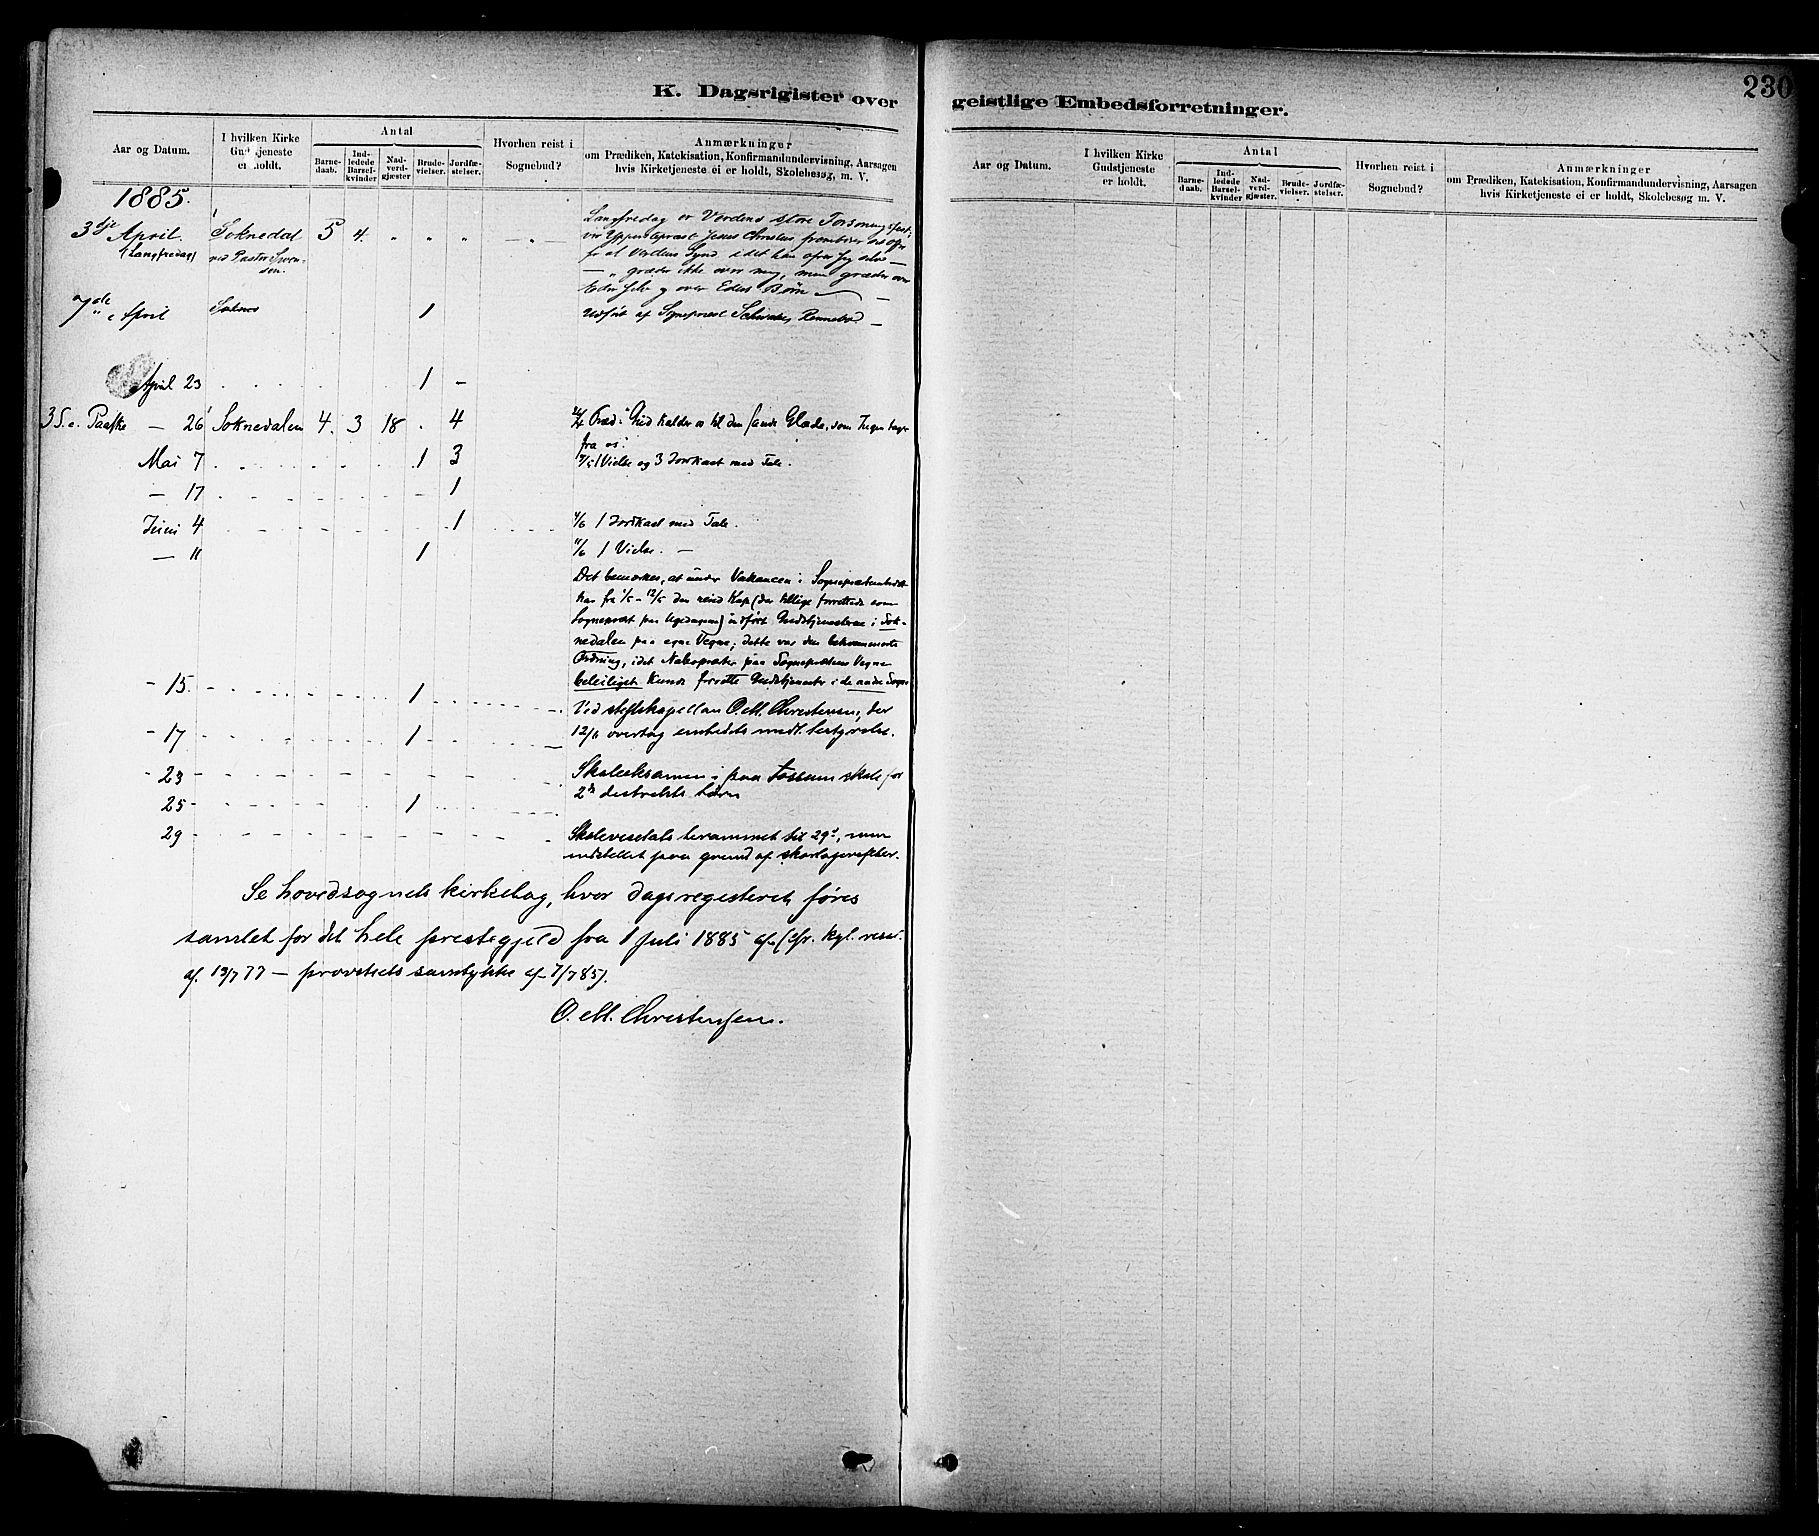 SAT, Ministerialprotokoller, klokkerbøker og fødselsregistre - Sør-Trøndelag, 689/L1040: Ministerialbok nr. 689A05, 1878-1890, s. 230